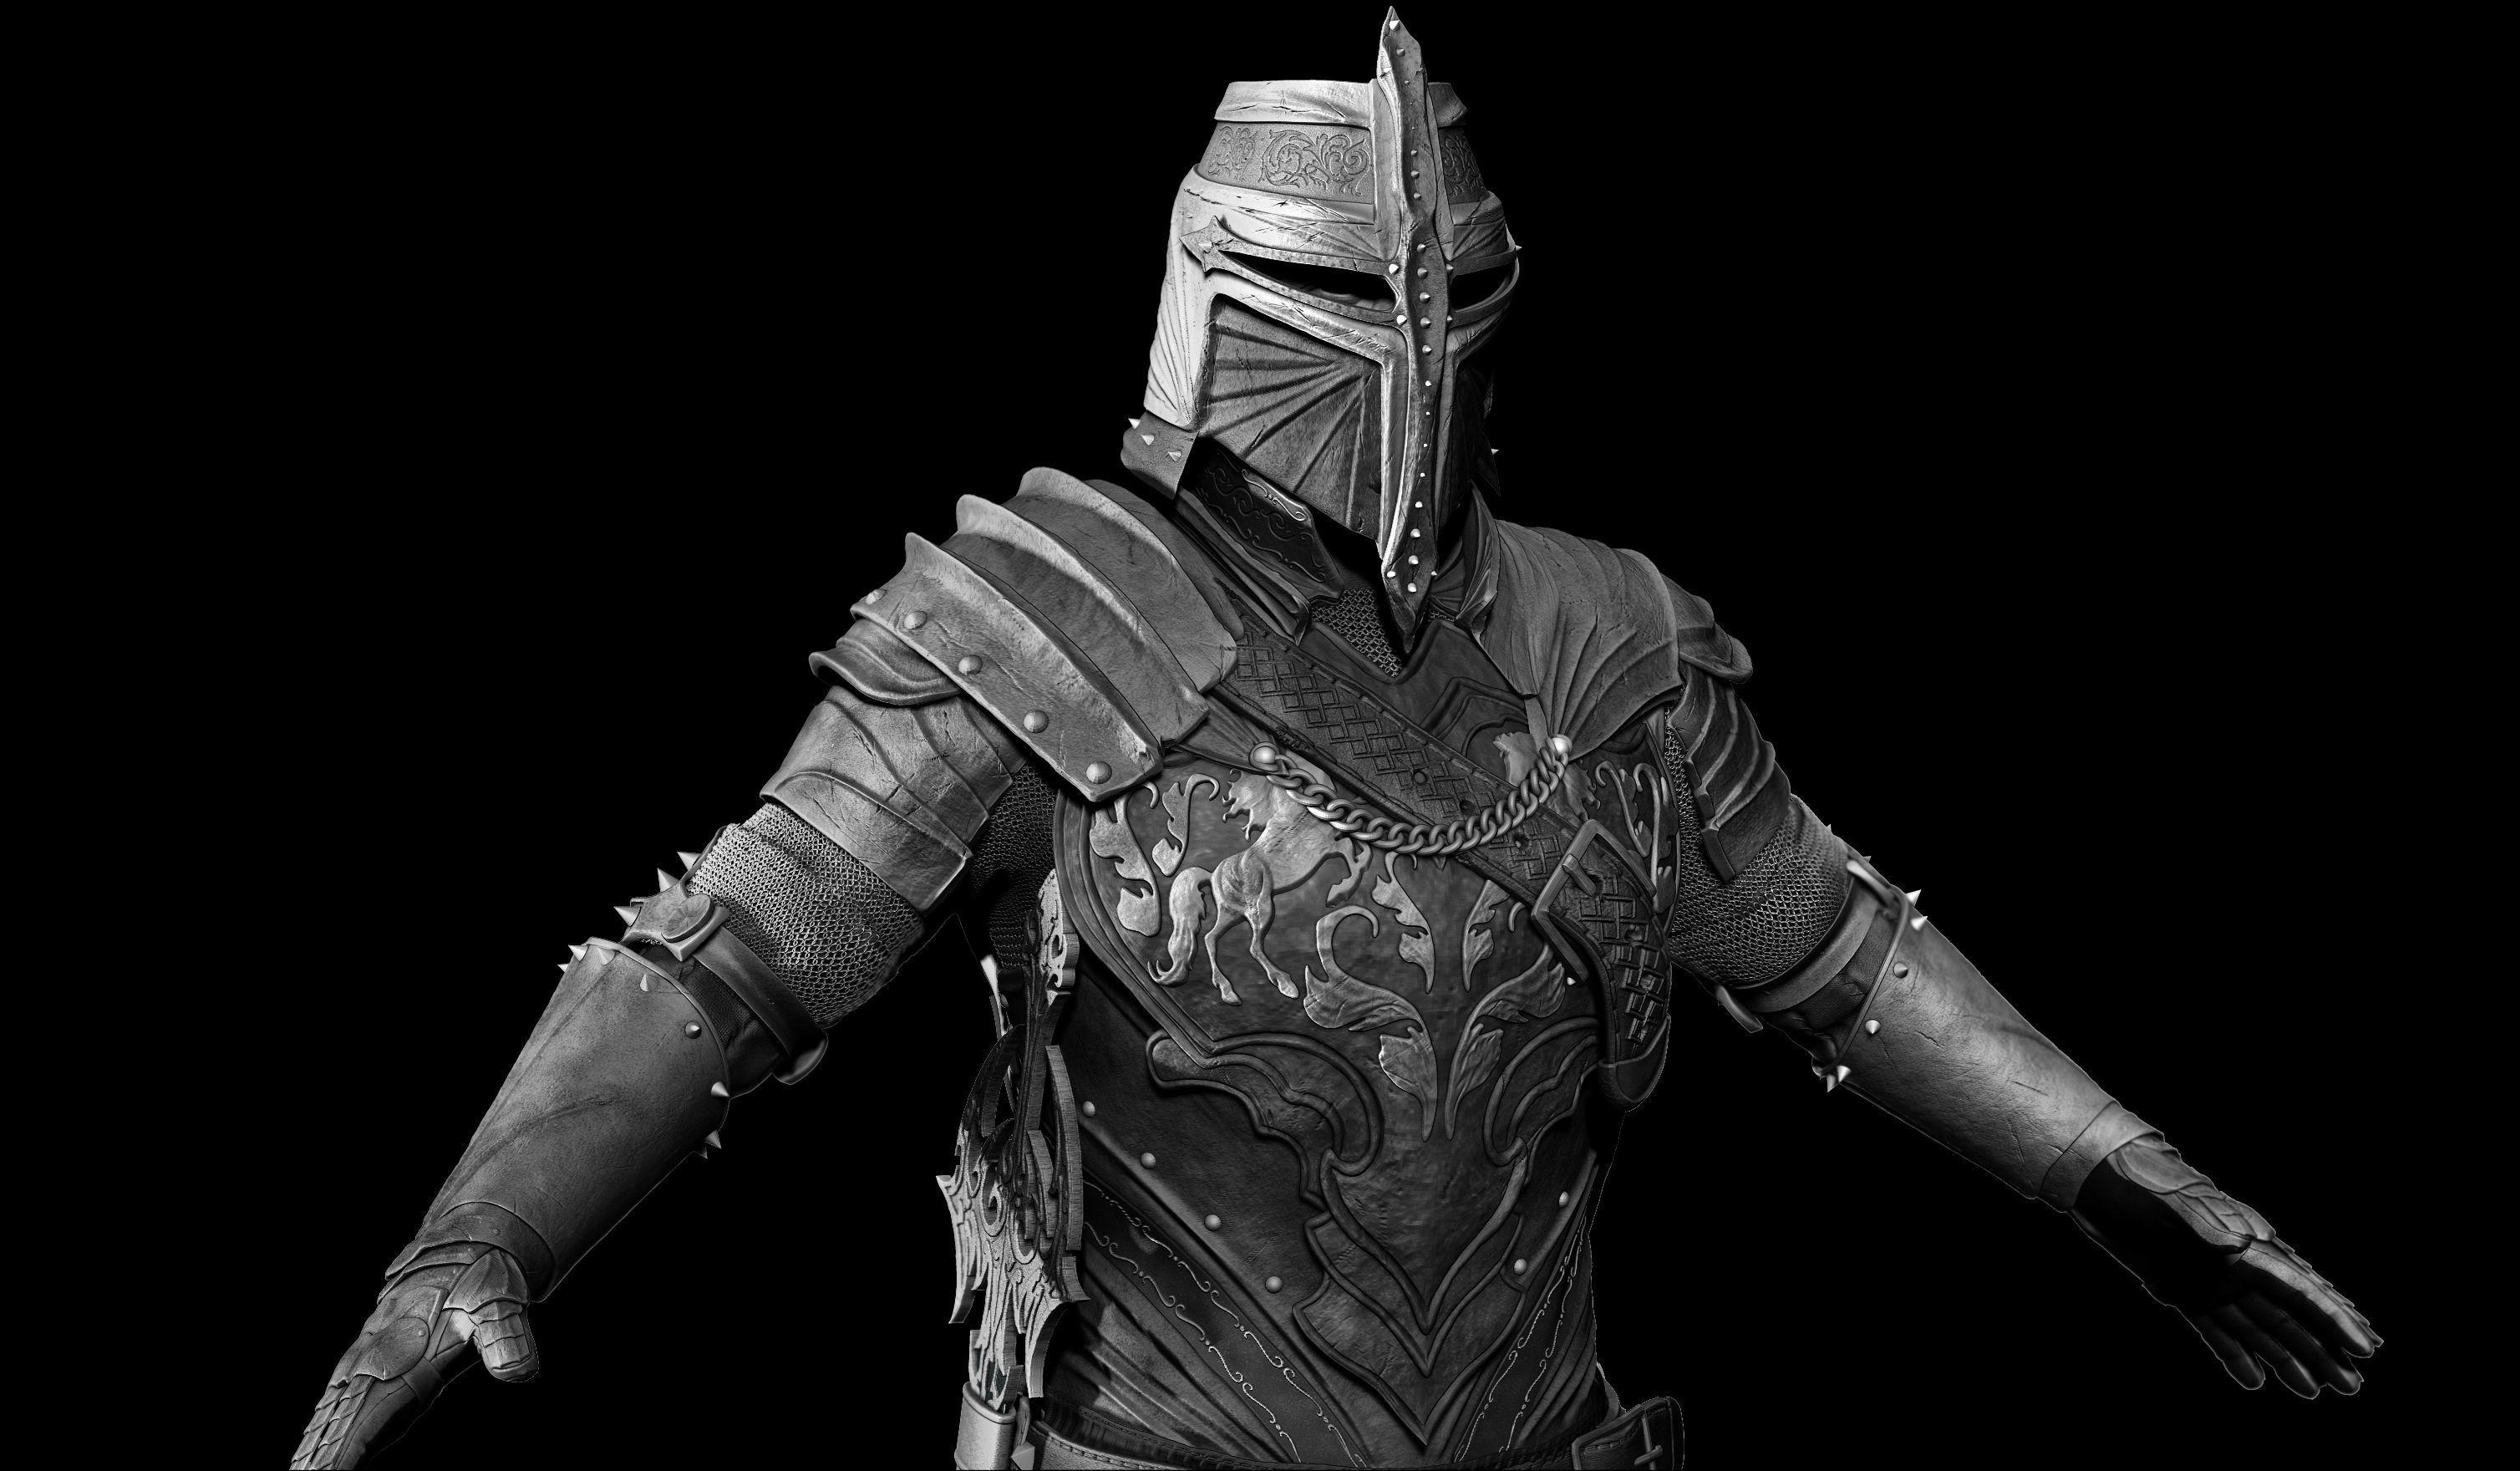 knight-zbrush-3d-model-obj-ztl-mtl